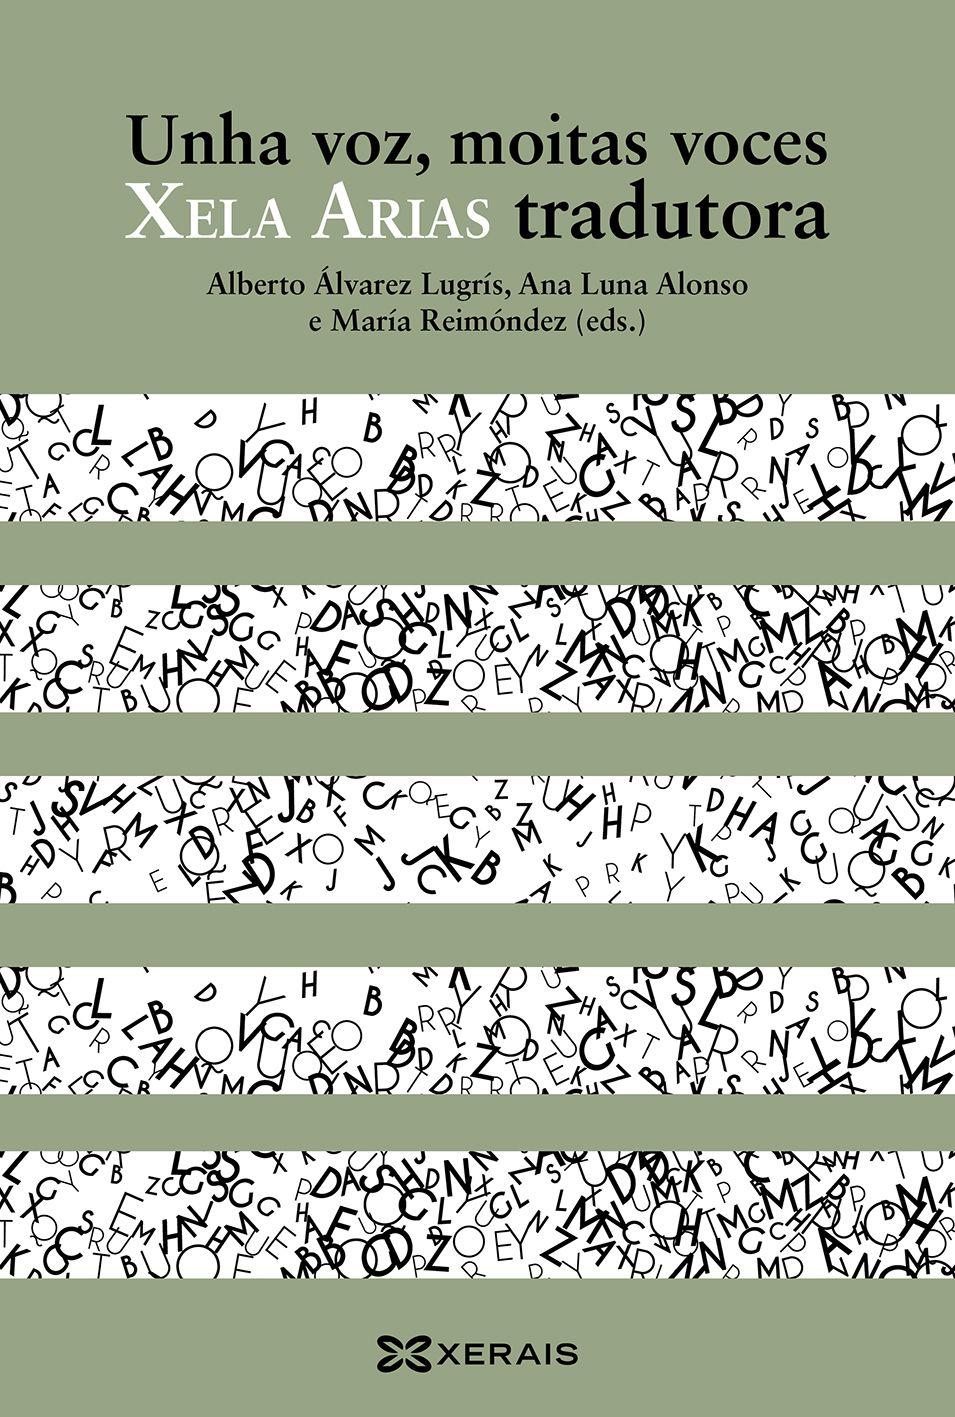 Xerais e a AGPTI investigan o traballo de Xela Arias na tradución